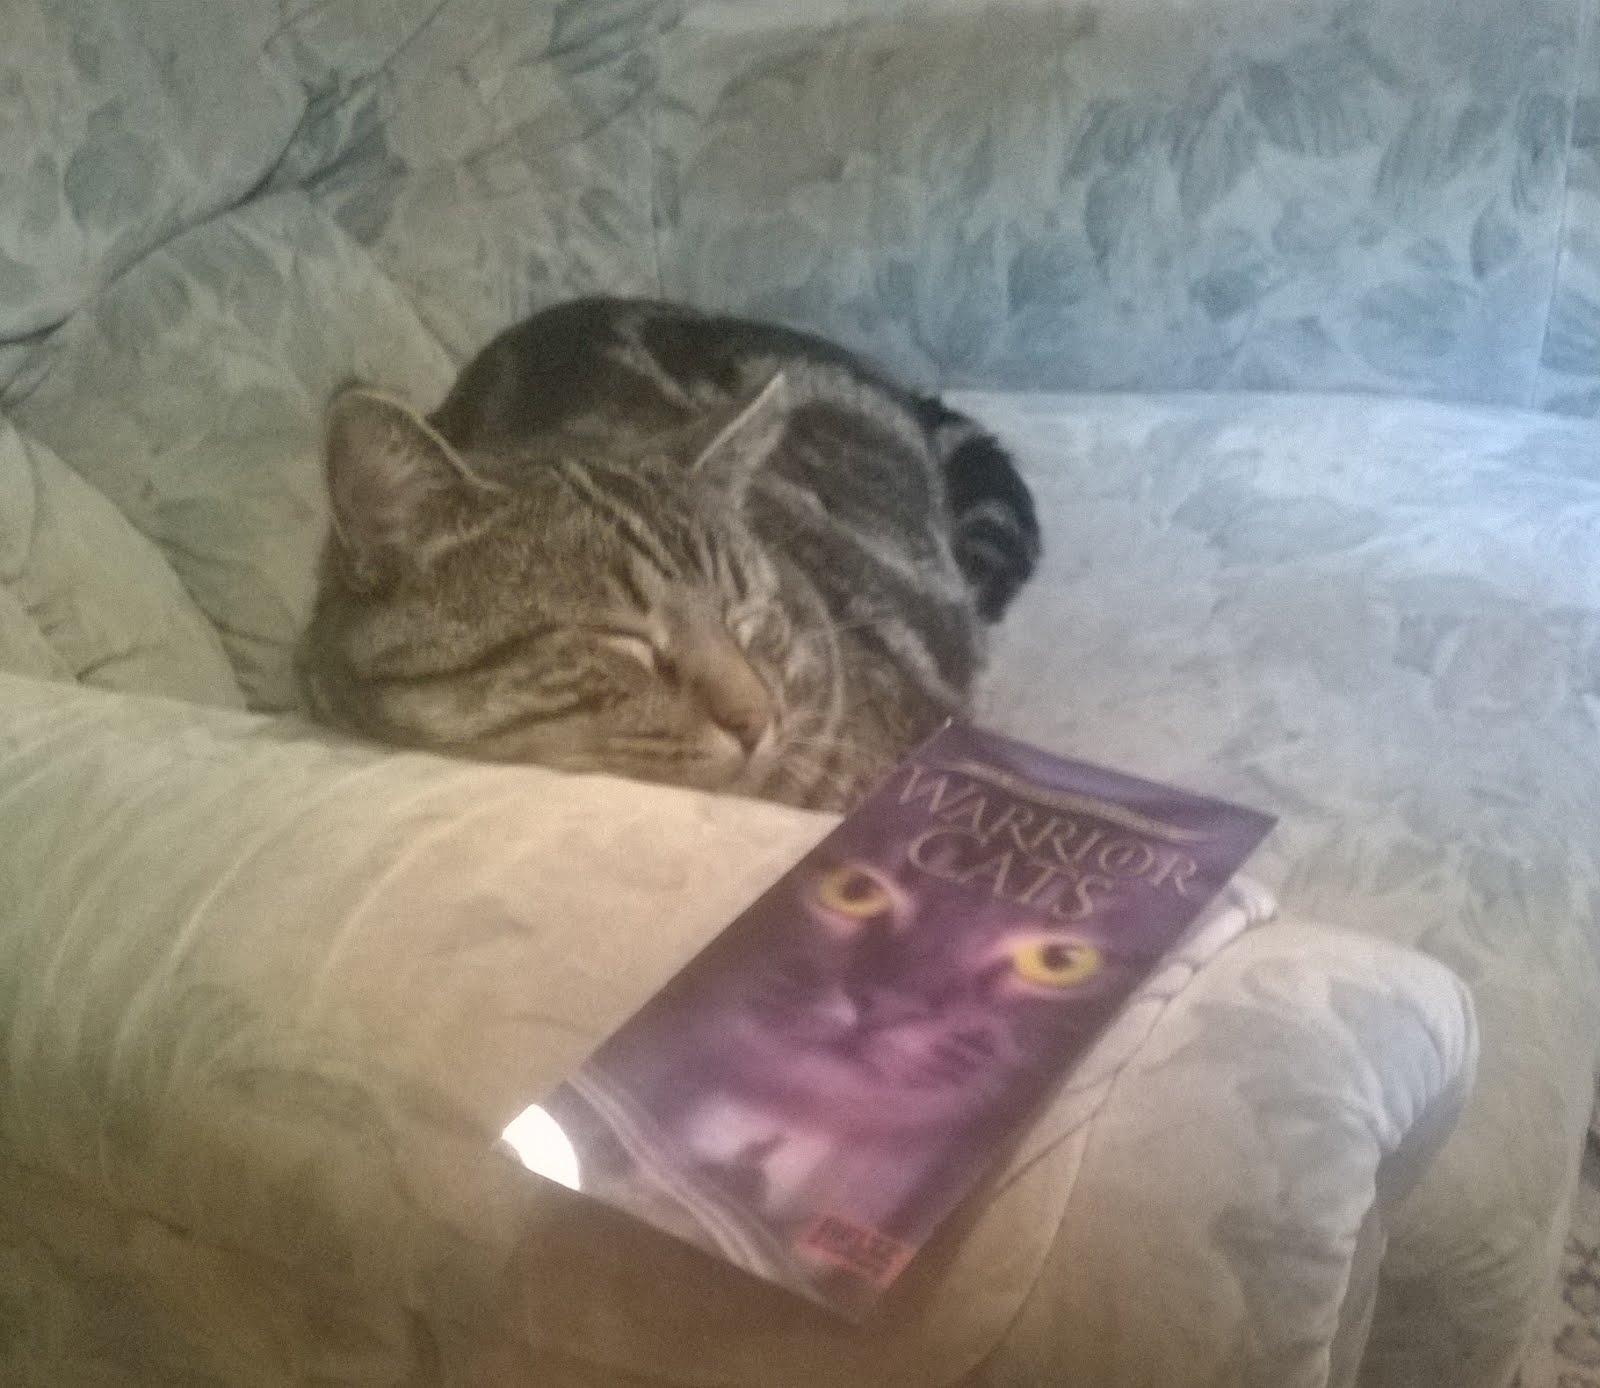 Mein Kater will auch WaCa lesen